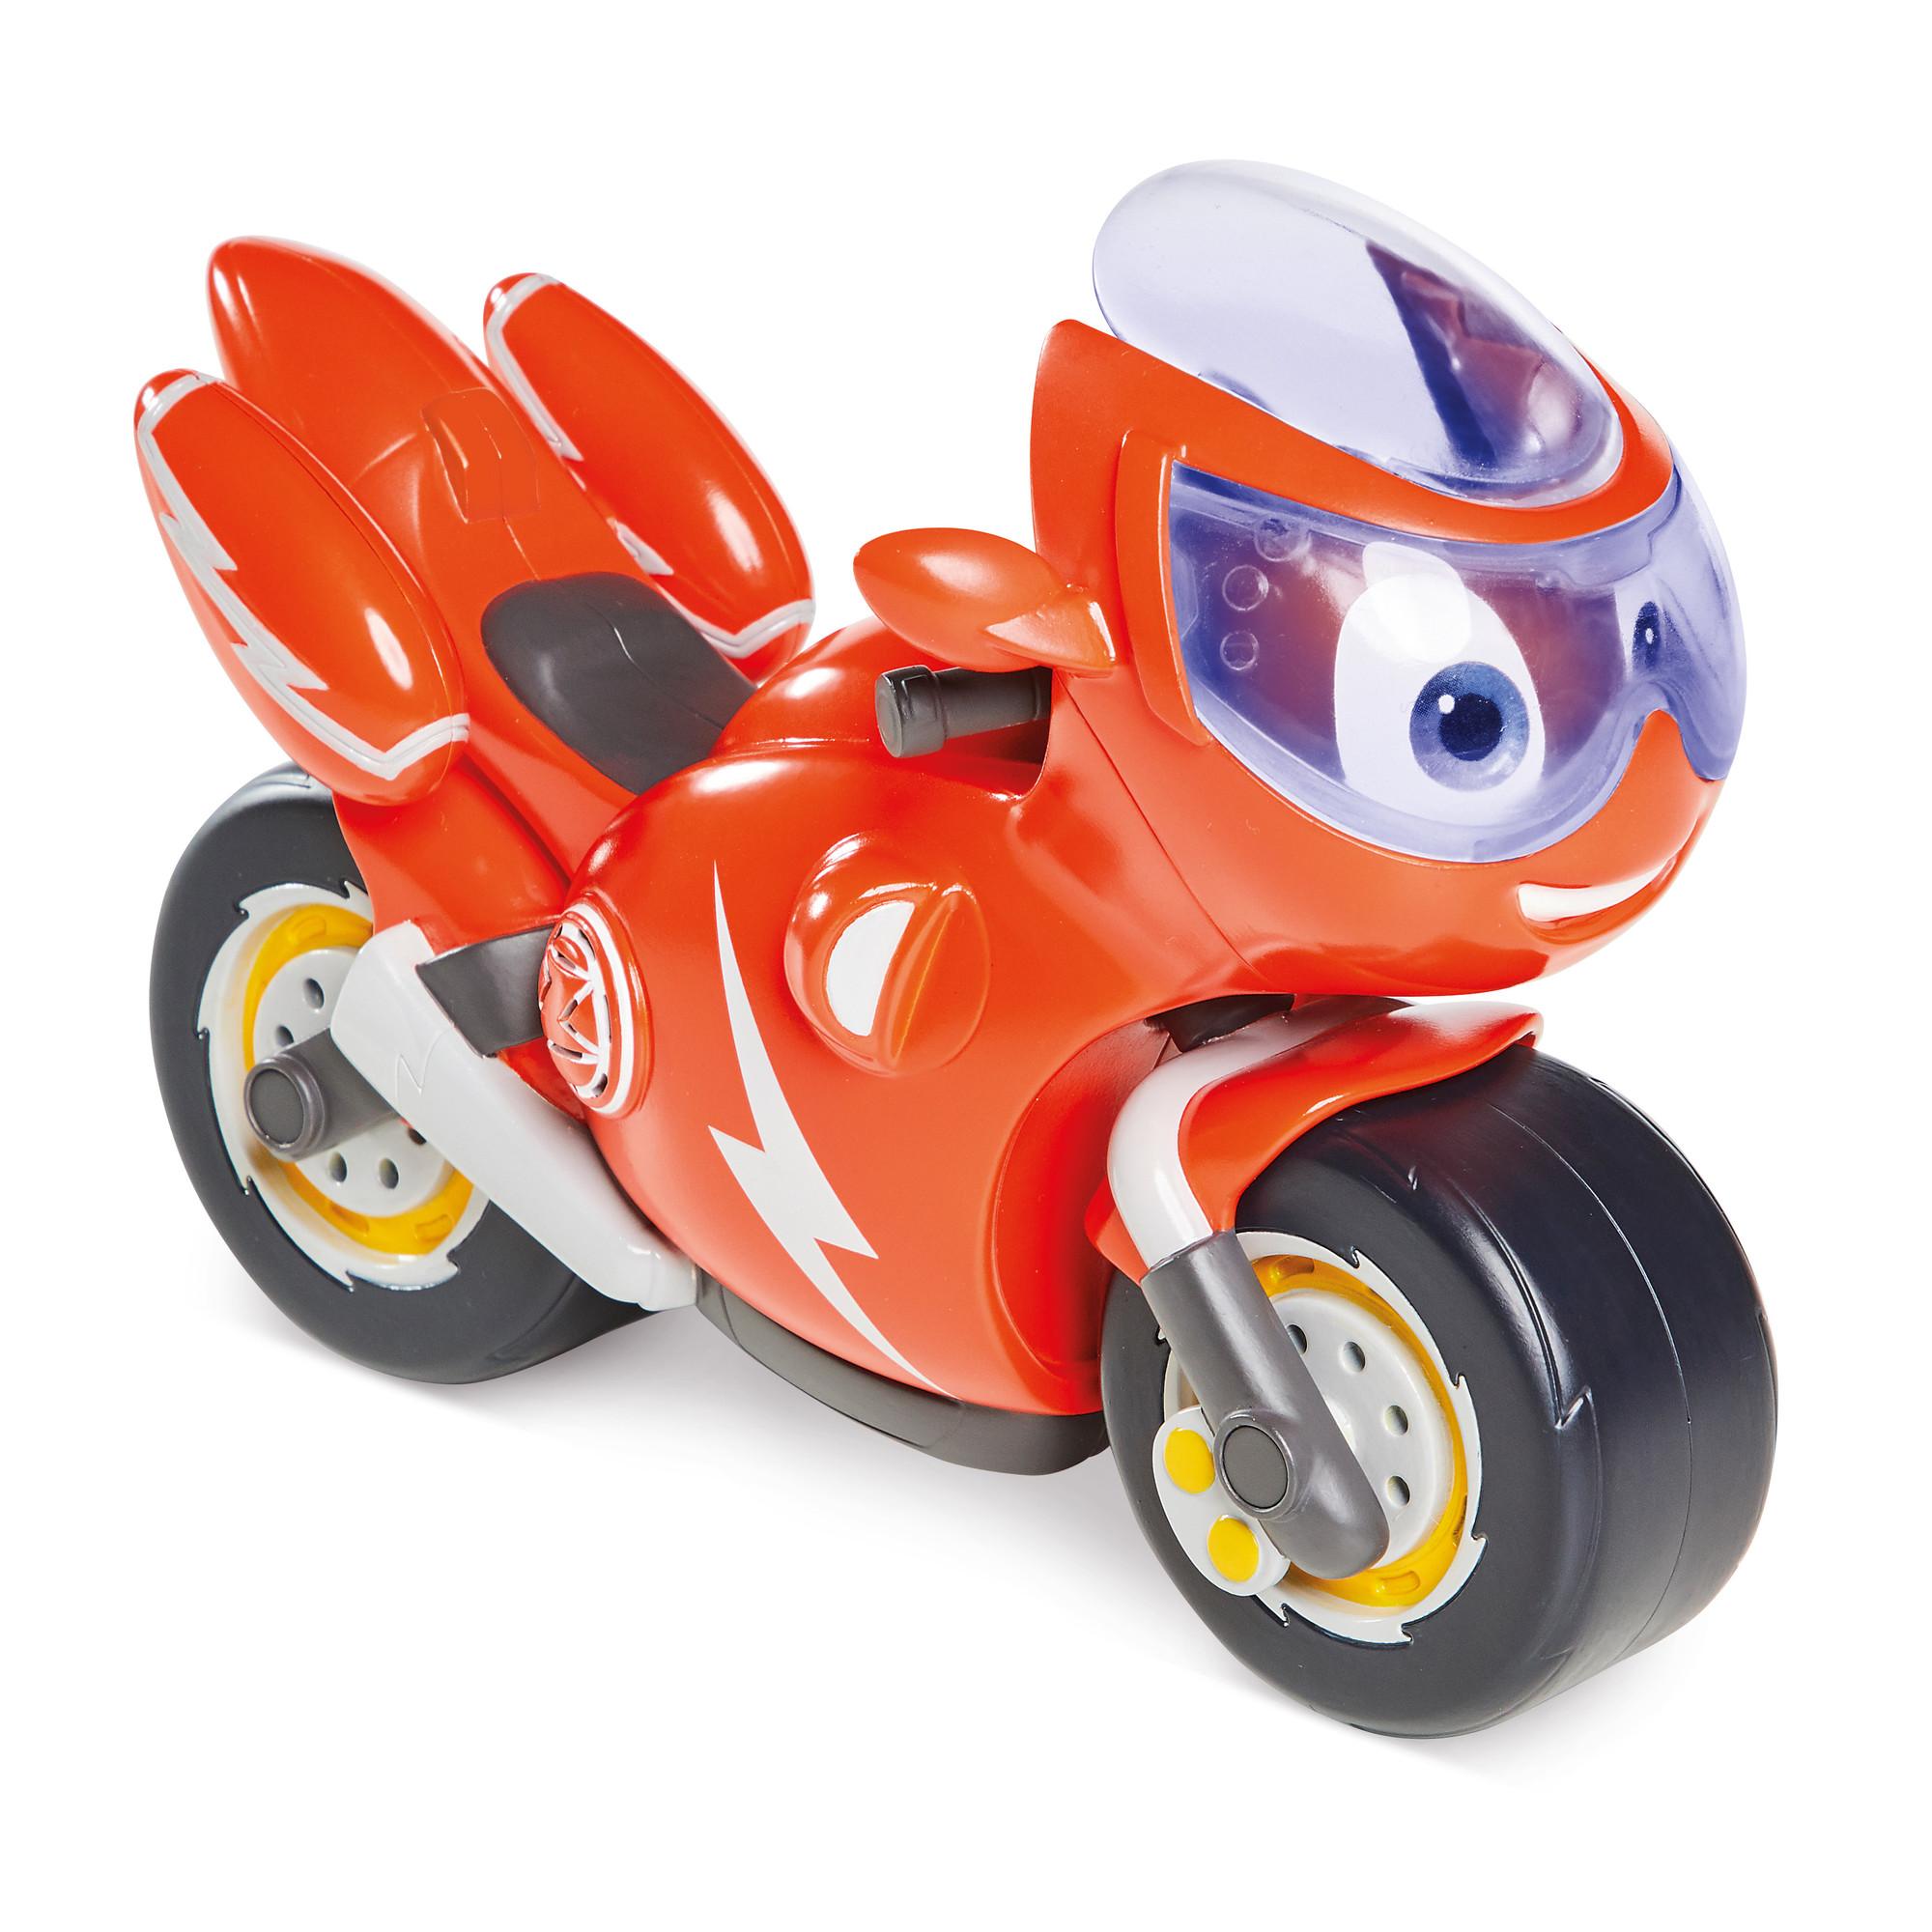 Мотоцикл Ricky Zoom Рикки со звуковыми